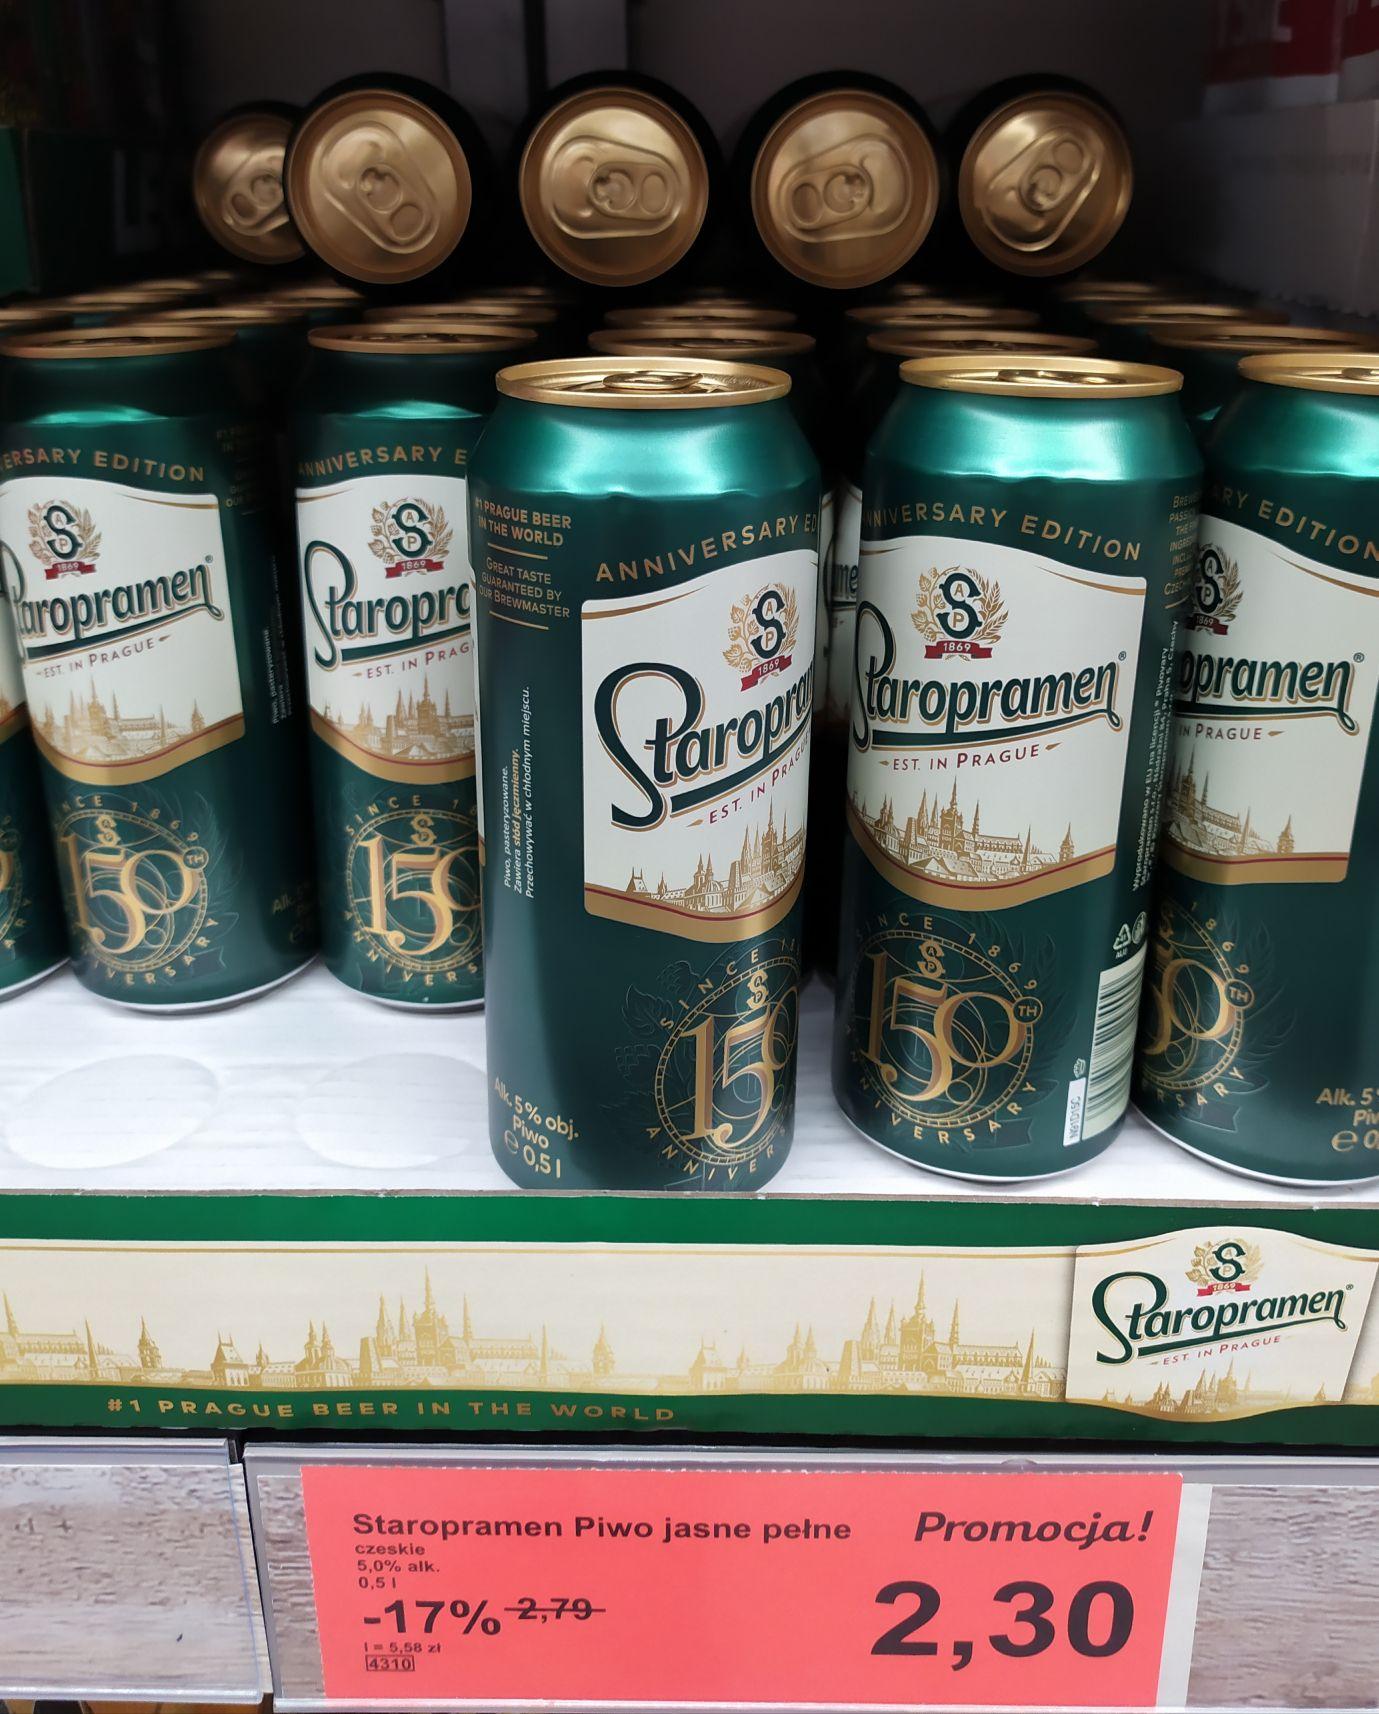 Staropramen Czeskie Piwo Jasne Pełne Alk.5% 0,5l pucha Aldi